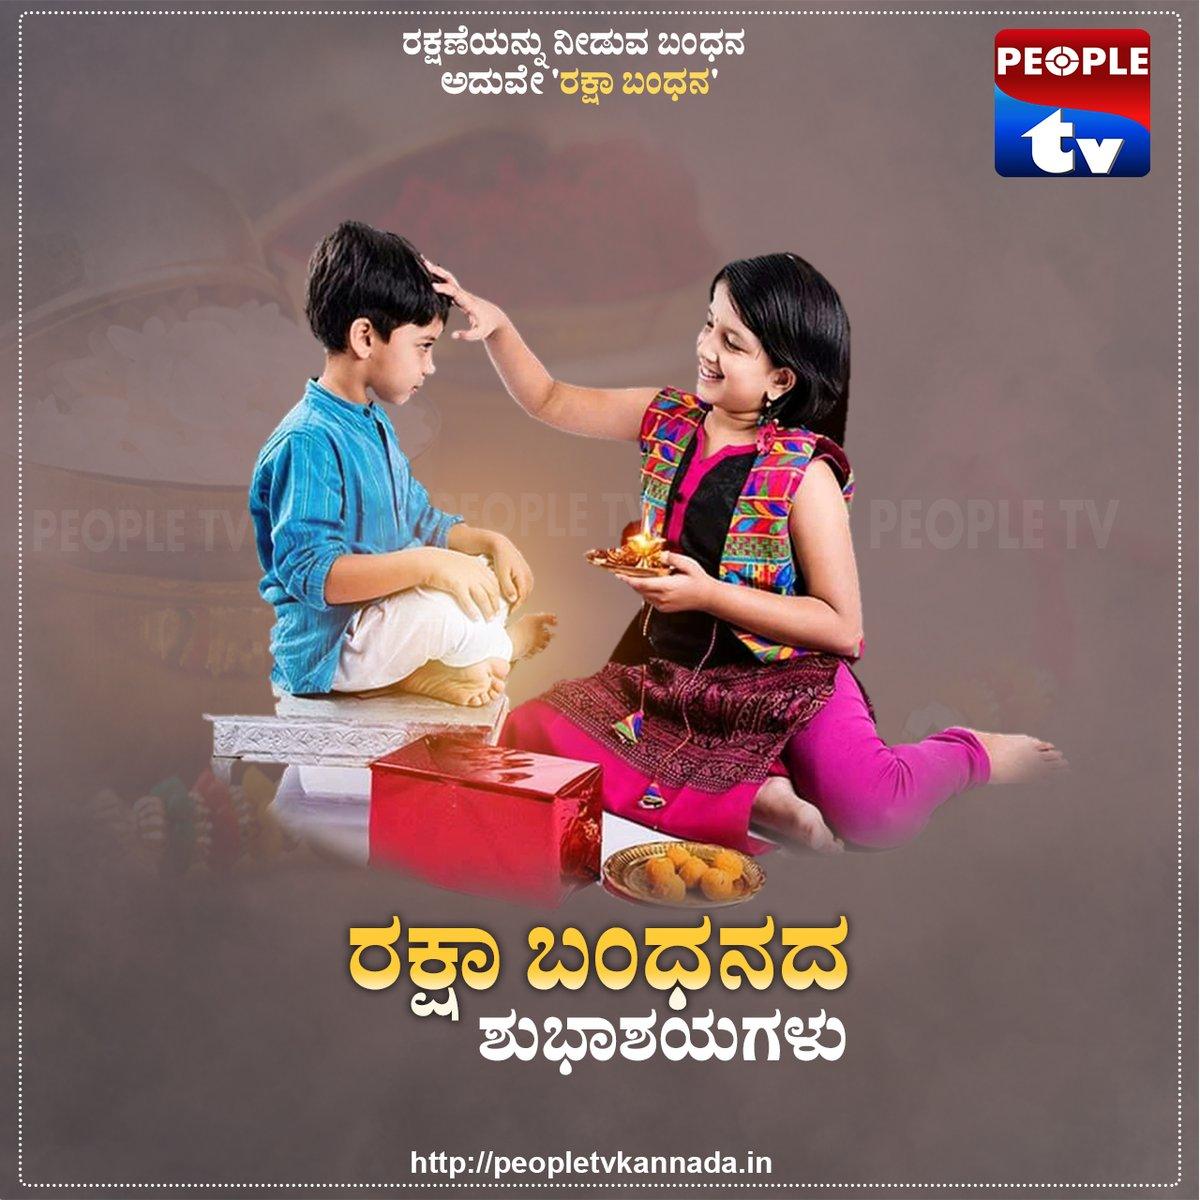 ಹ್ಯಾಪಿ ರಕ್ಷಾ ಬಂಧನ  #rakshabandhan #ಅಣ್ಣತಂಗಿ #ಅಕ್ಕತಮ್ಮ #PeopletvKannada #peopletvLive #peopletv #KannadaNewsChannel #LatestNews #LatestKannadaNews #Kannada #News #KarnatakaFightsCoronapic.twitter.com/2Eh3GZcYtD